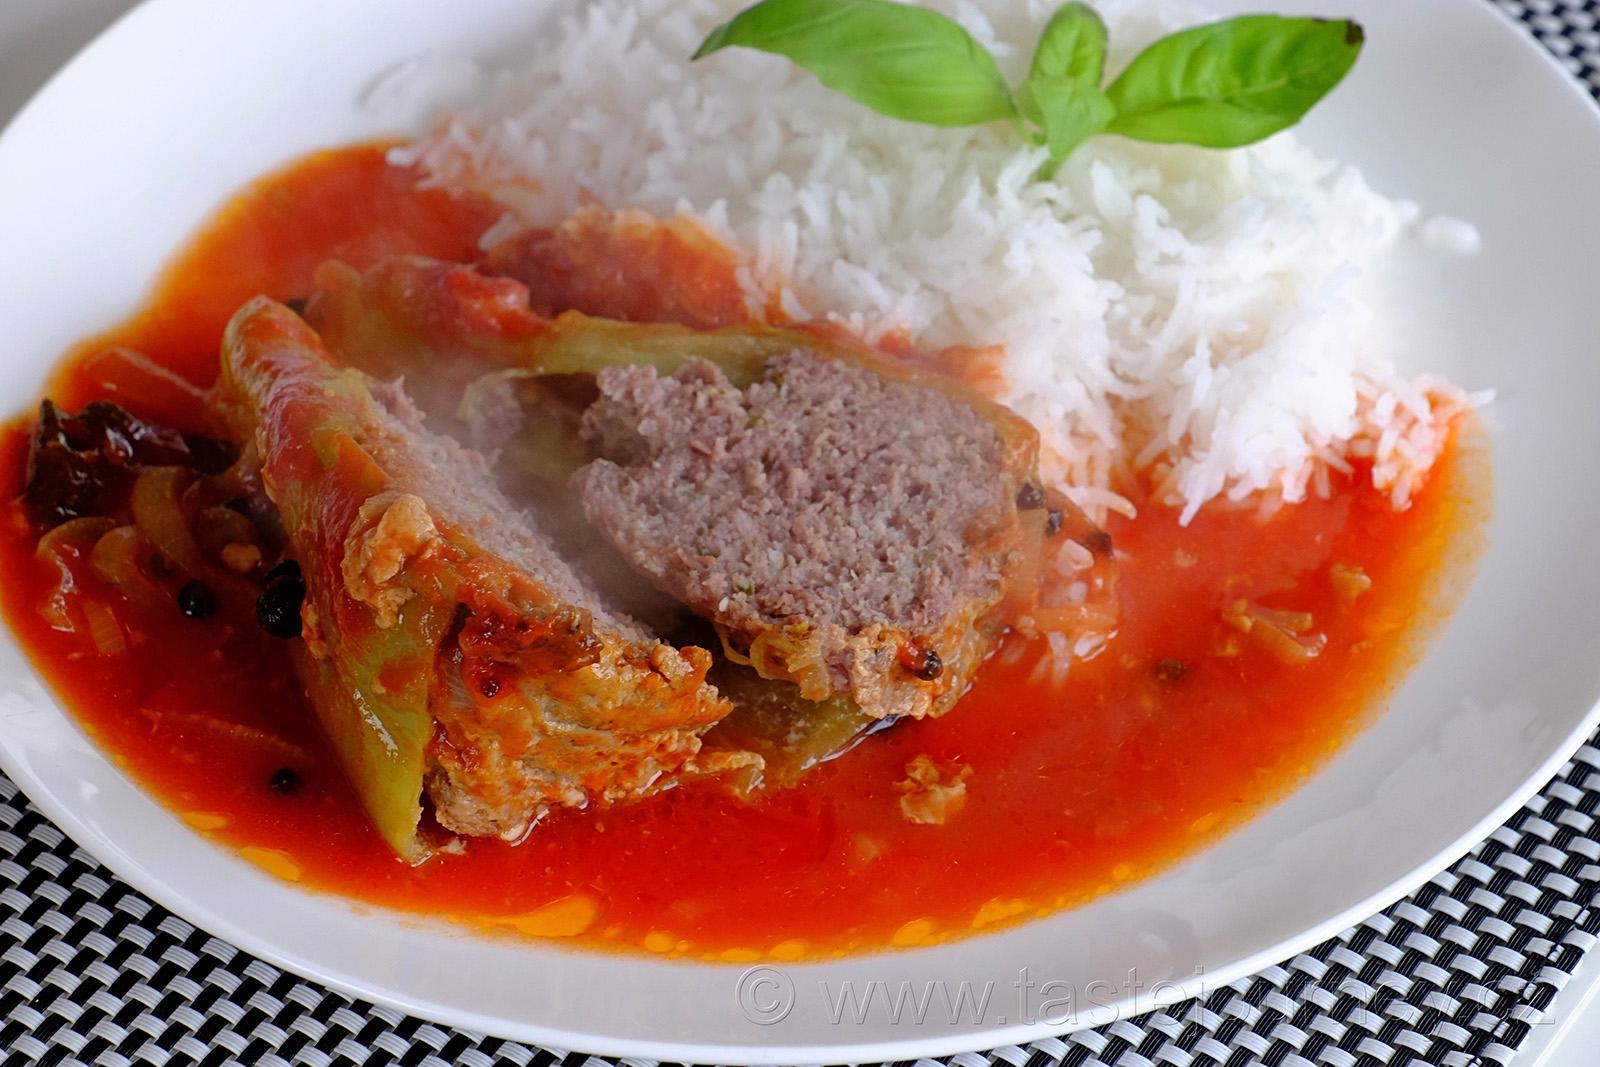 Horké maso plněných paprik v kombinaci s rajskou omáčkou.